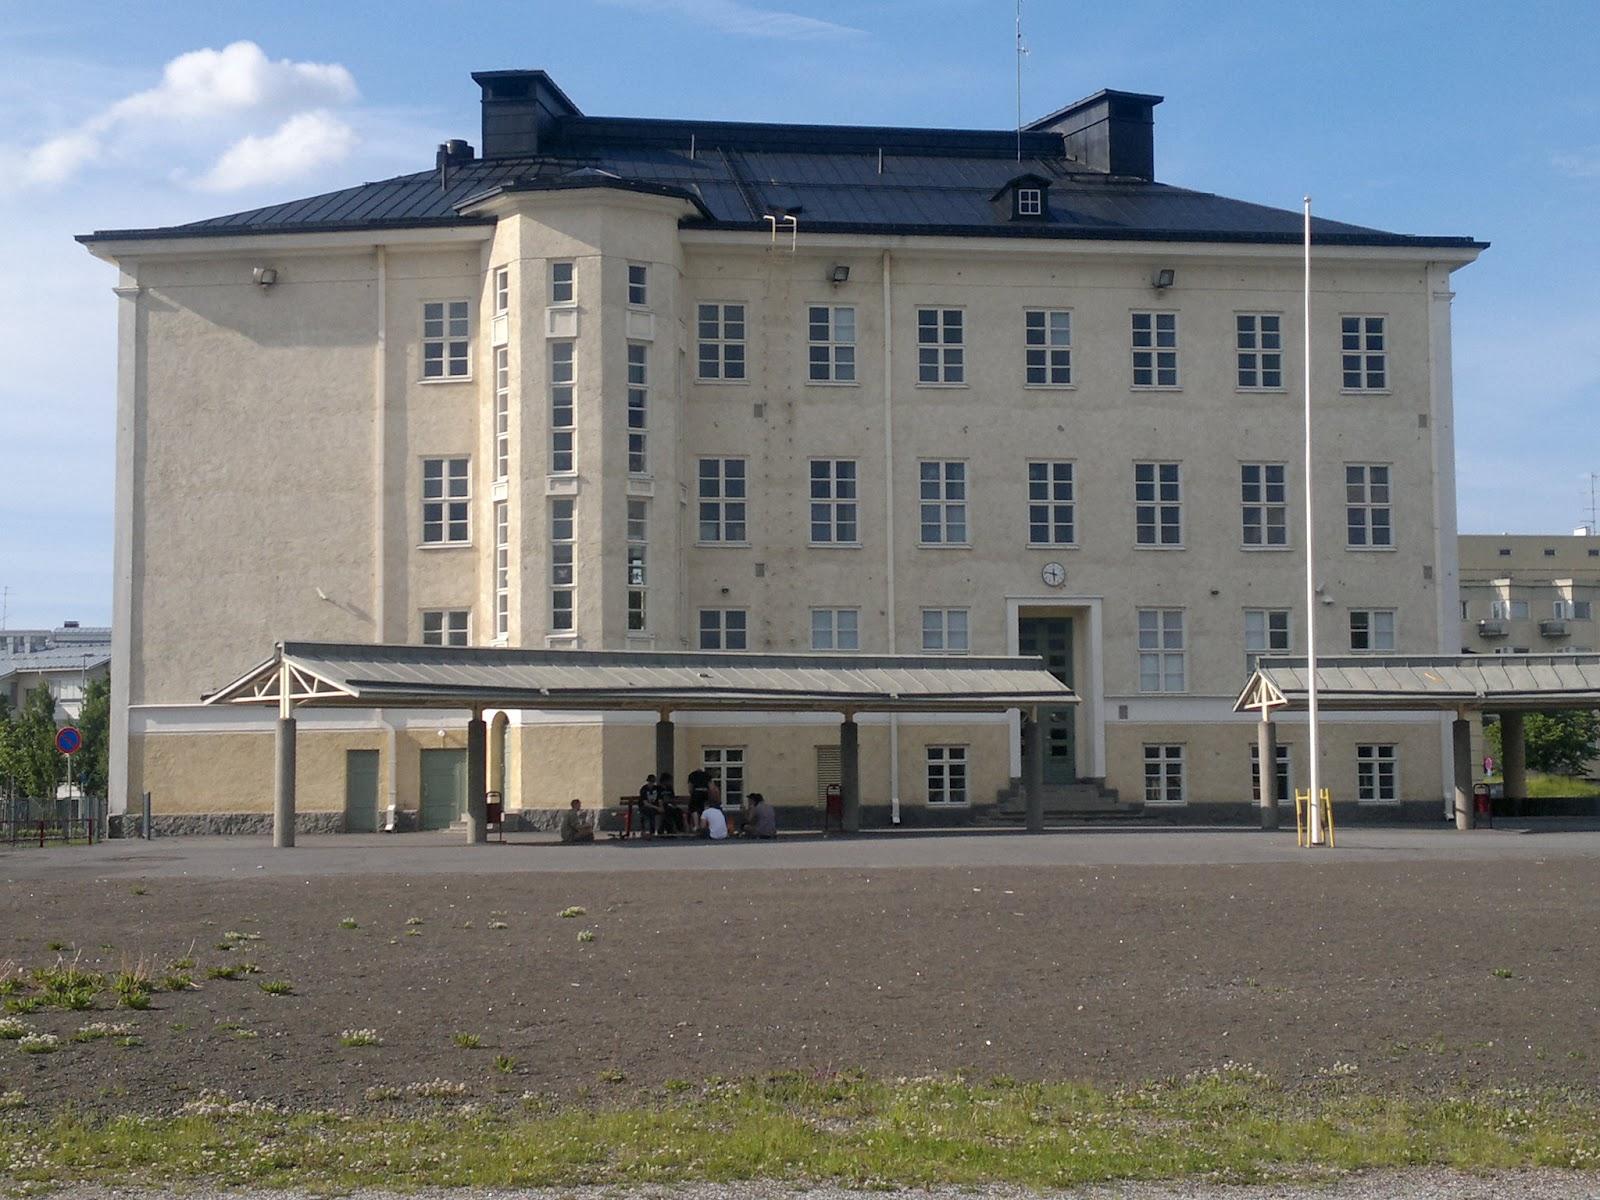 Willimiehen jäljillä: Lappeenranta / Peltolan koulu